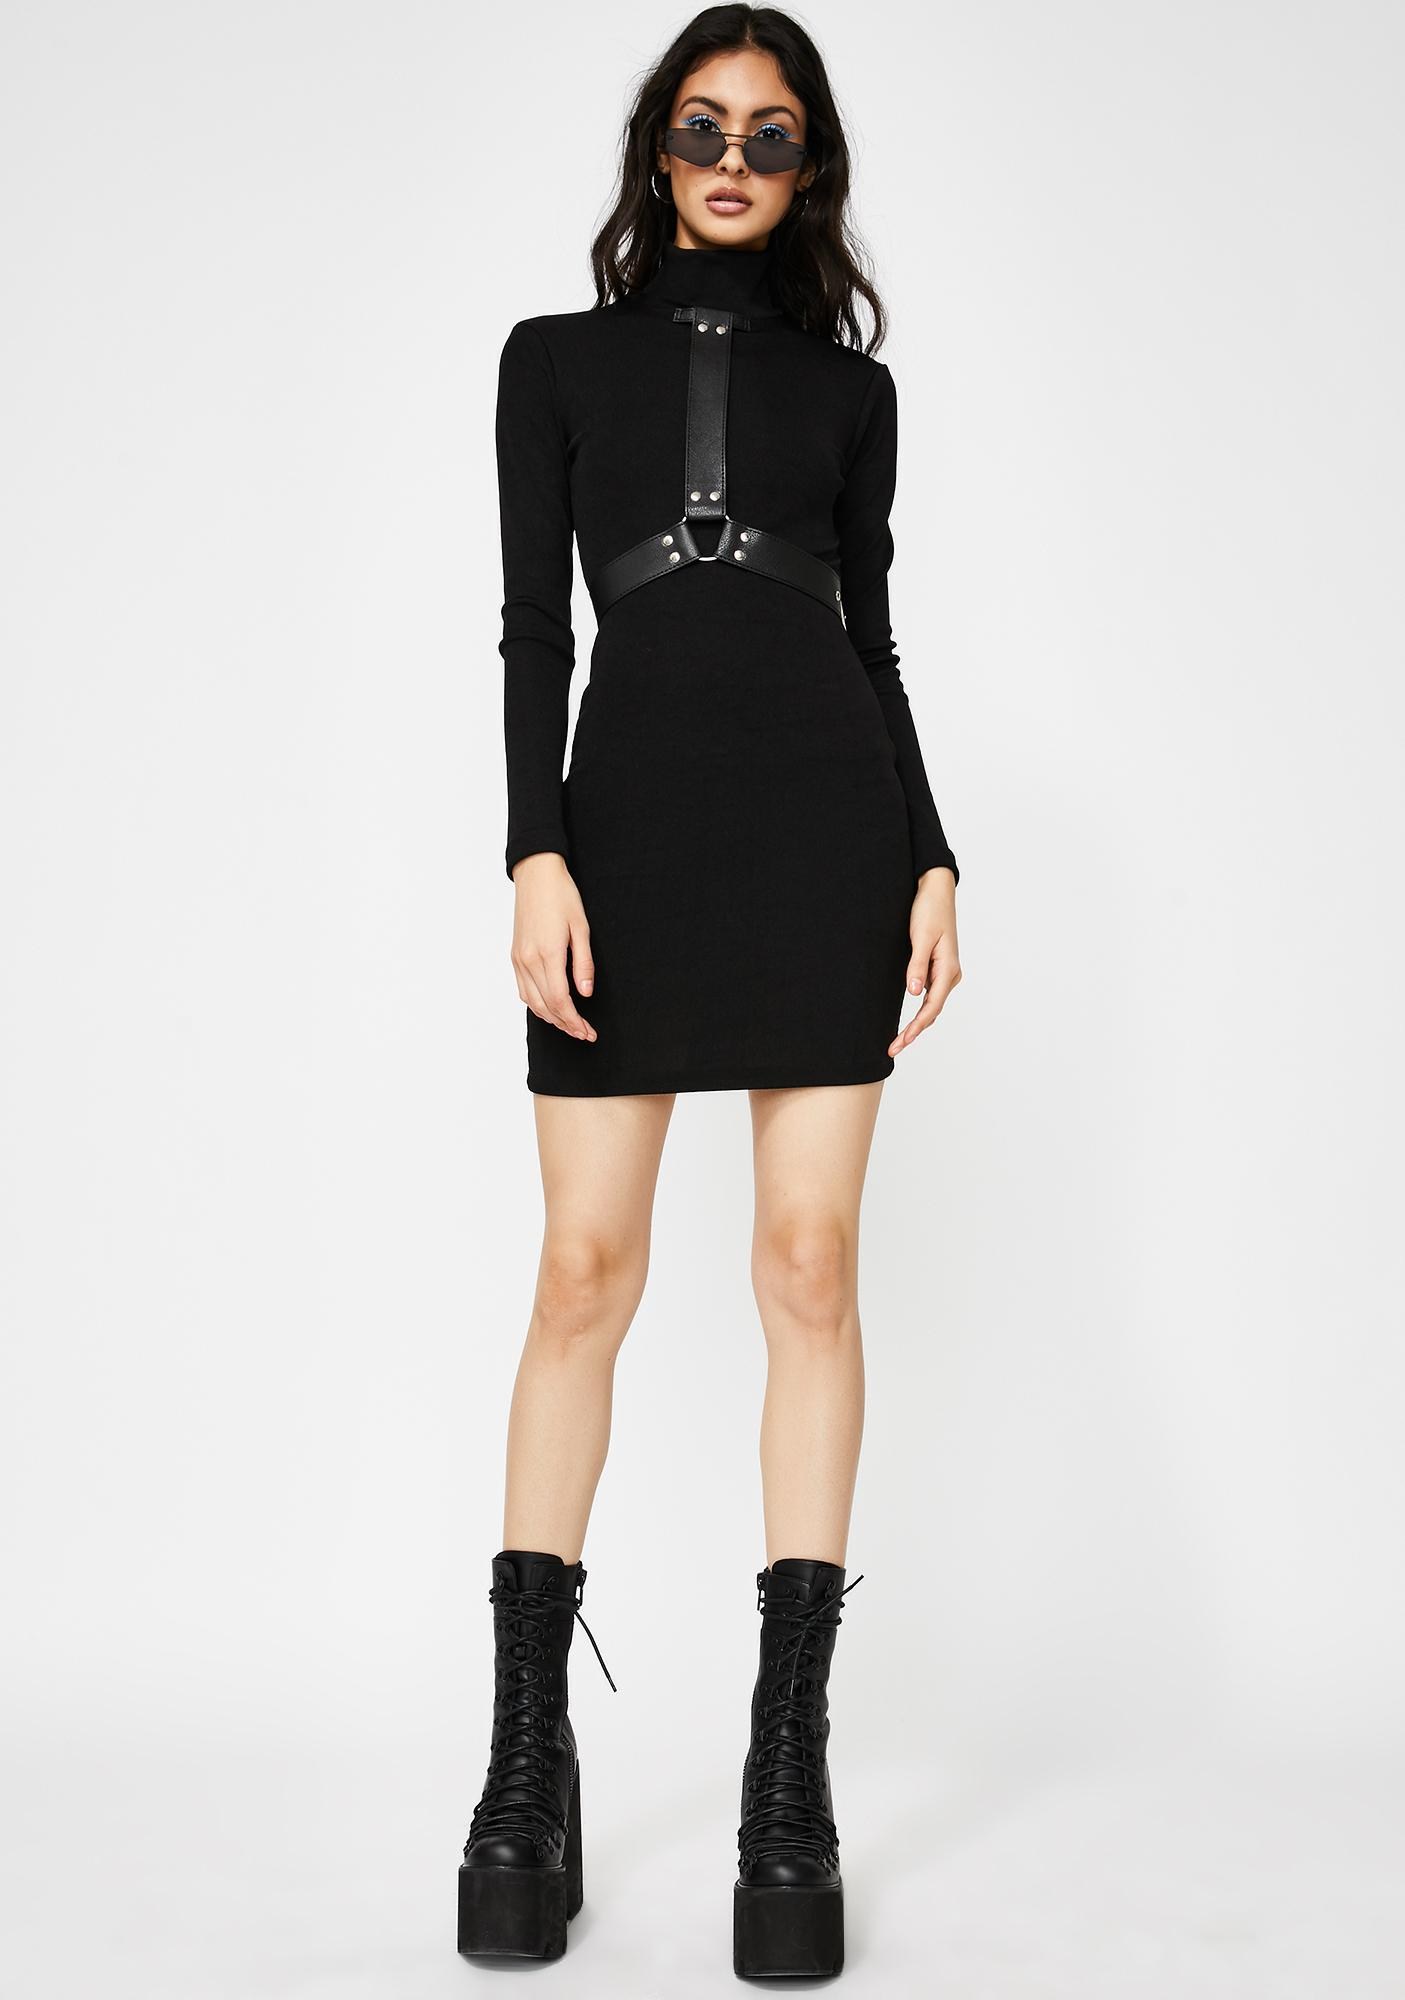 Kiki Riki Hard To Handle Mini Dress